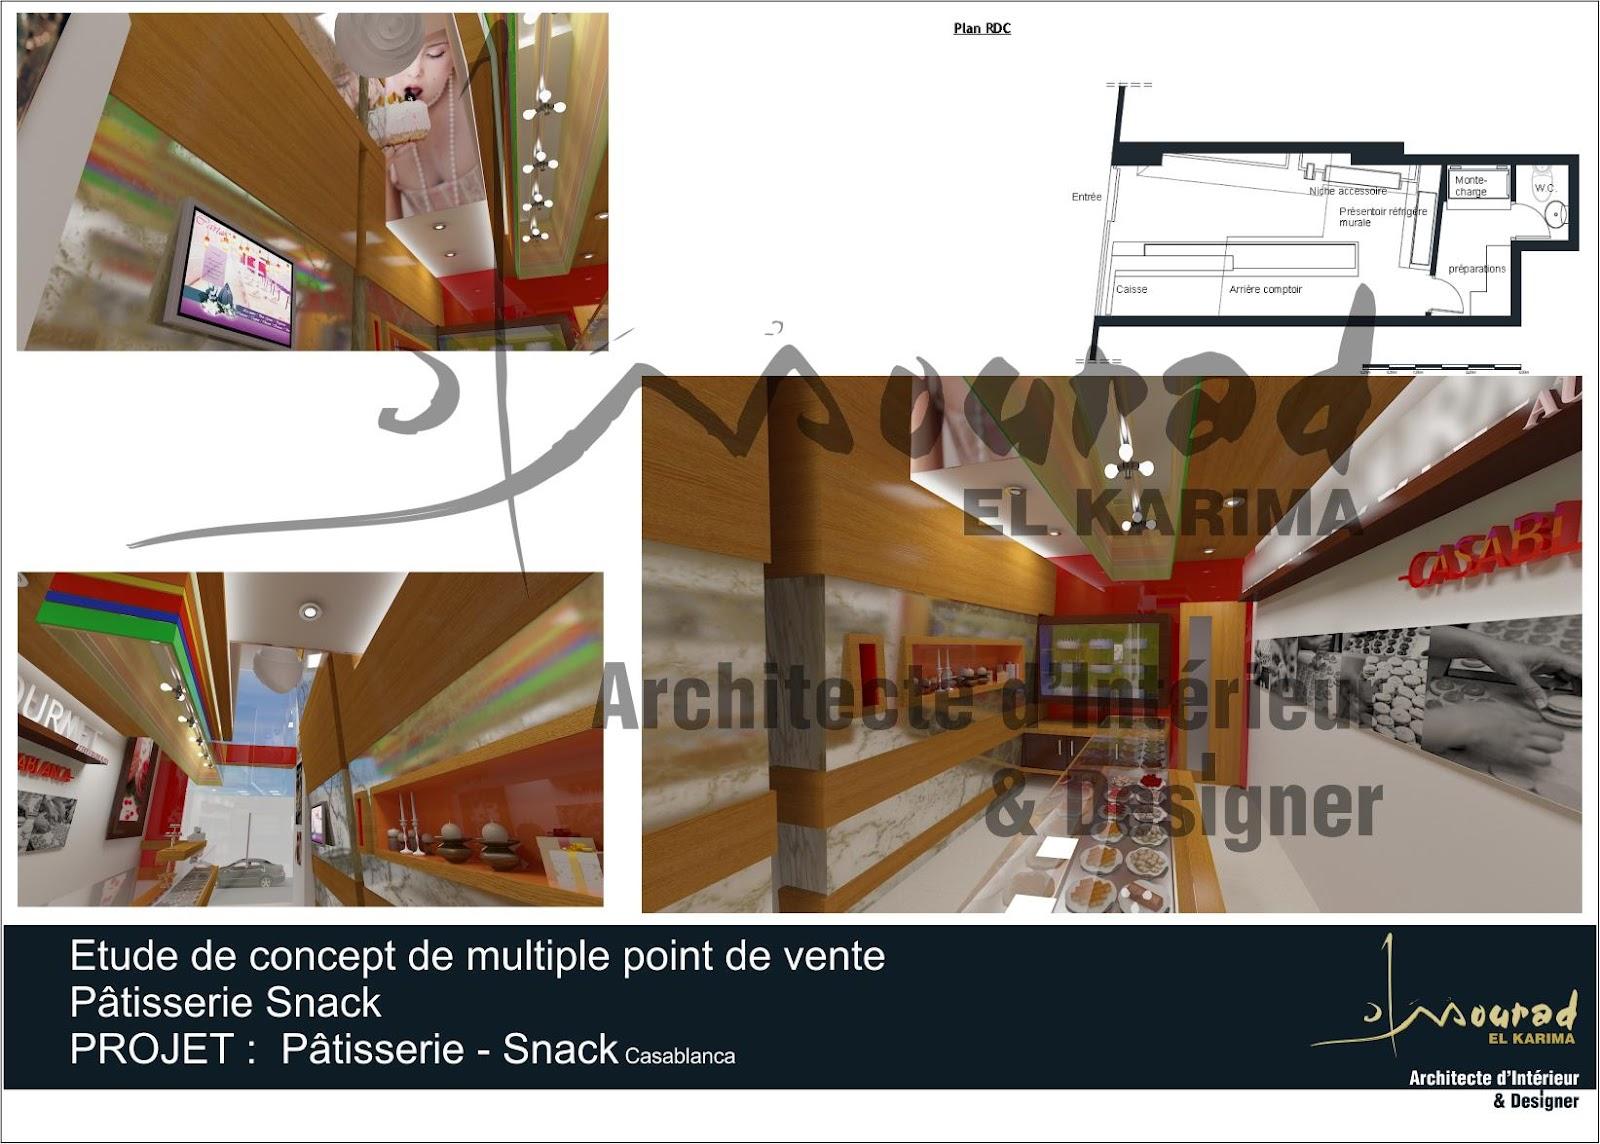 Etude d 39 un concept de point de vente p tisserie snack for Etude architecte d interieur